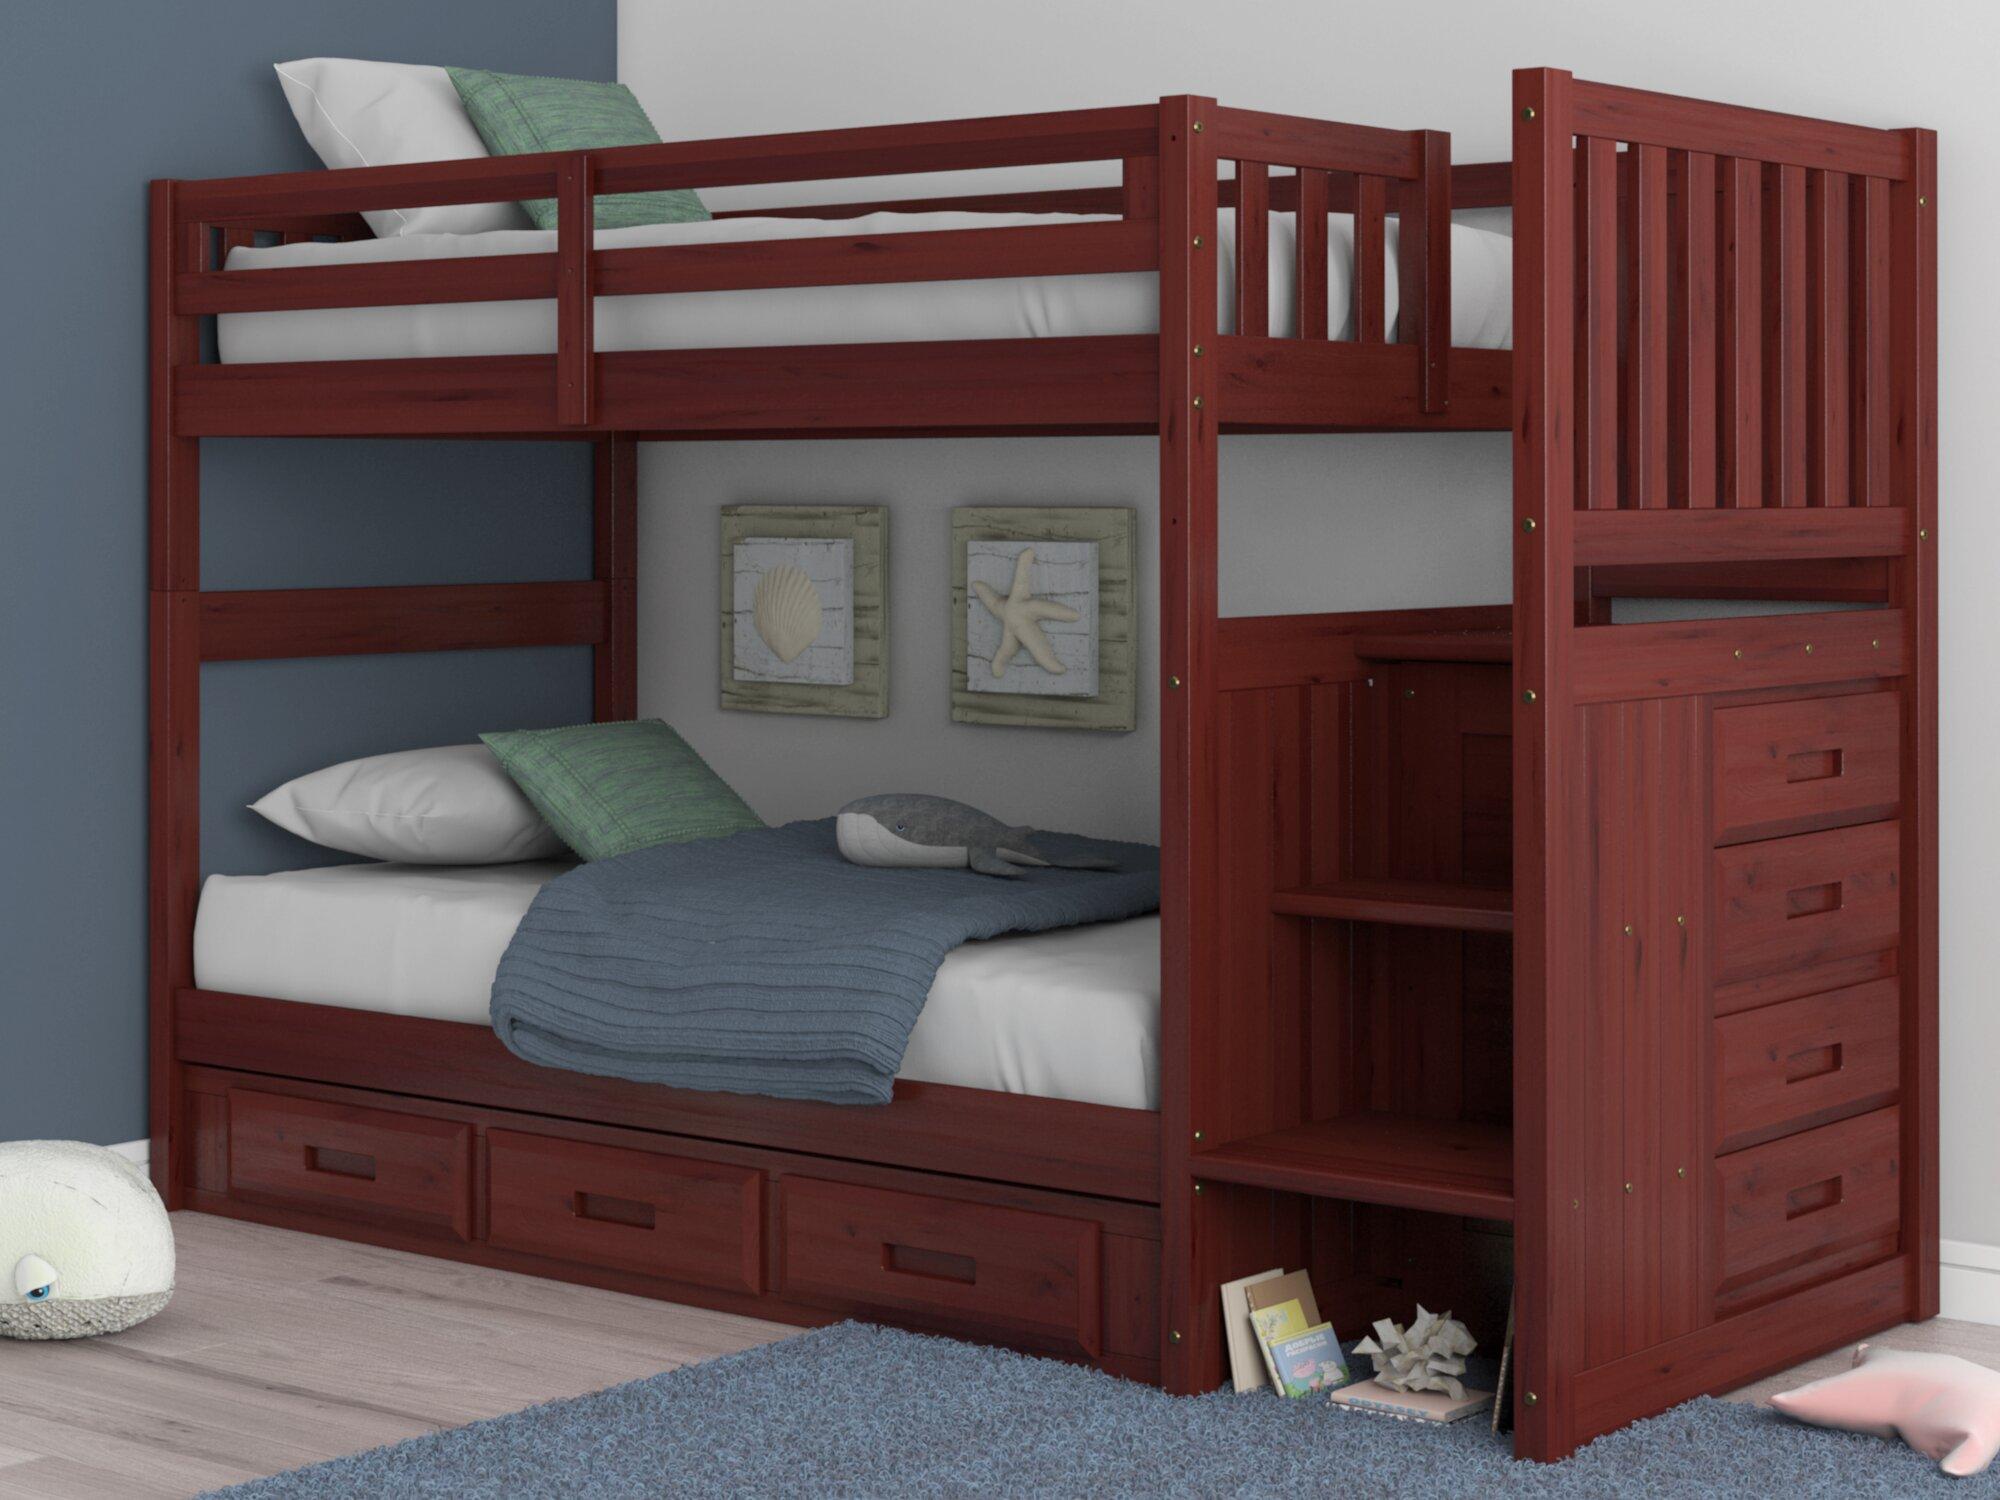 Lit Superposé Marche Escalier lit superposé simple au dessus d'un lit simple avec tiroirs trumble